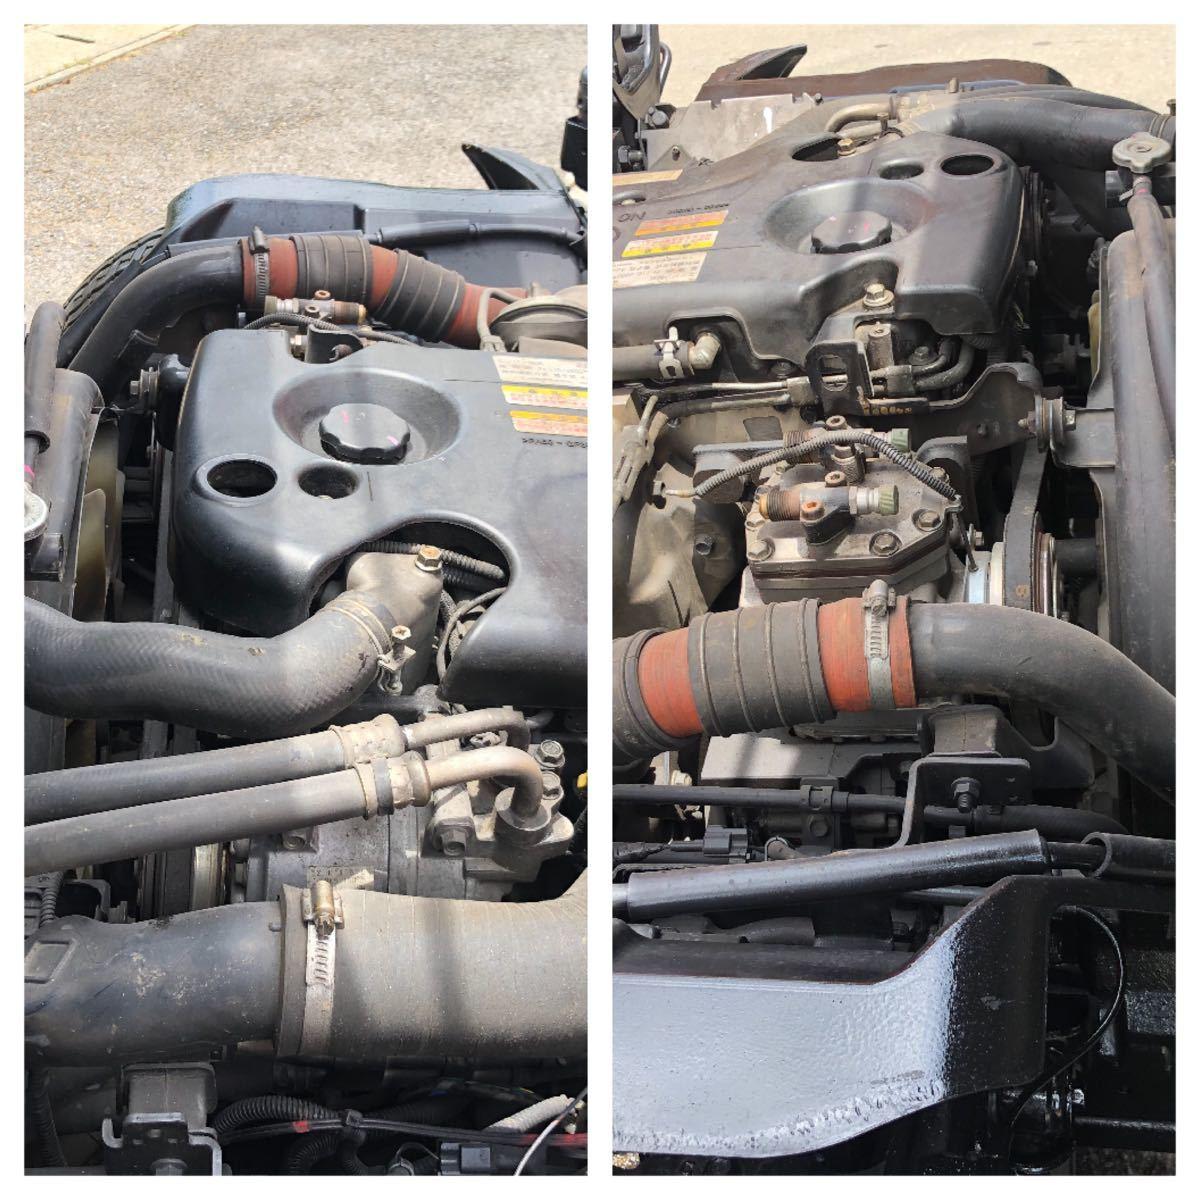 積載車セーフティローダーH20年3月 1年車検付MT6 ウィンチ付 3トン リモコン付き マツダ タイタン_画像8